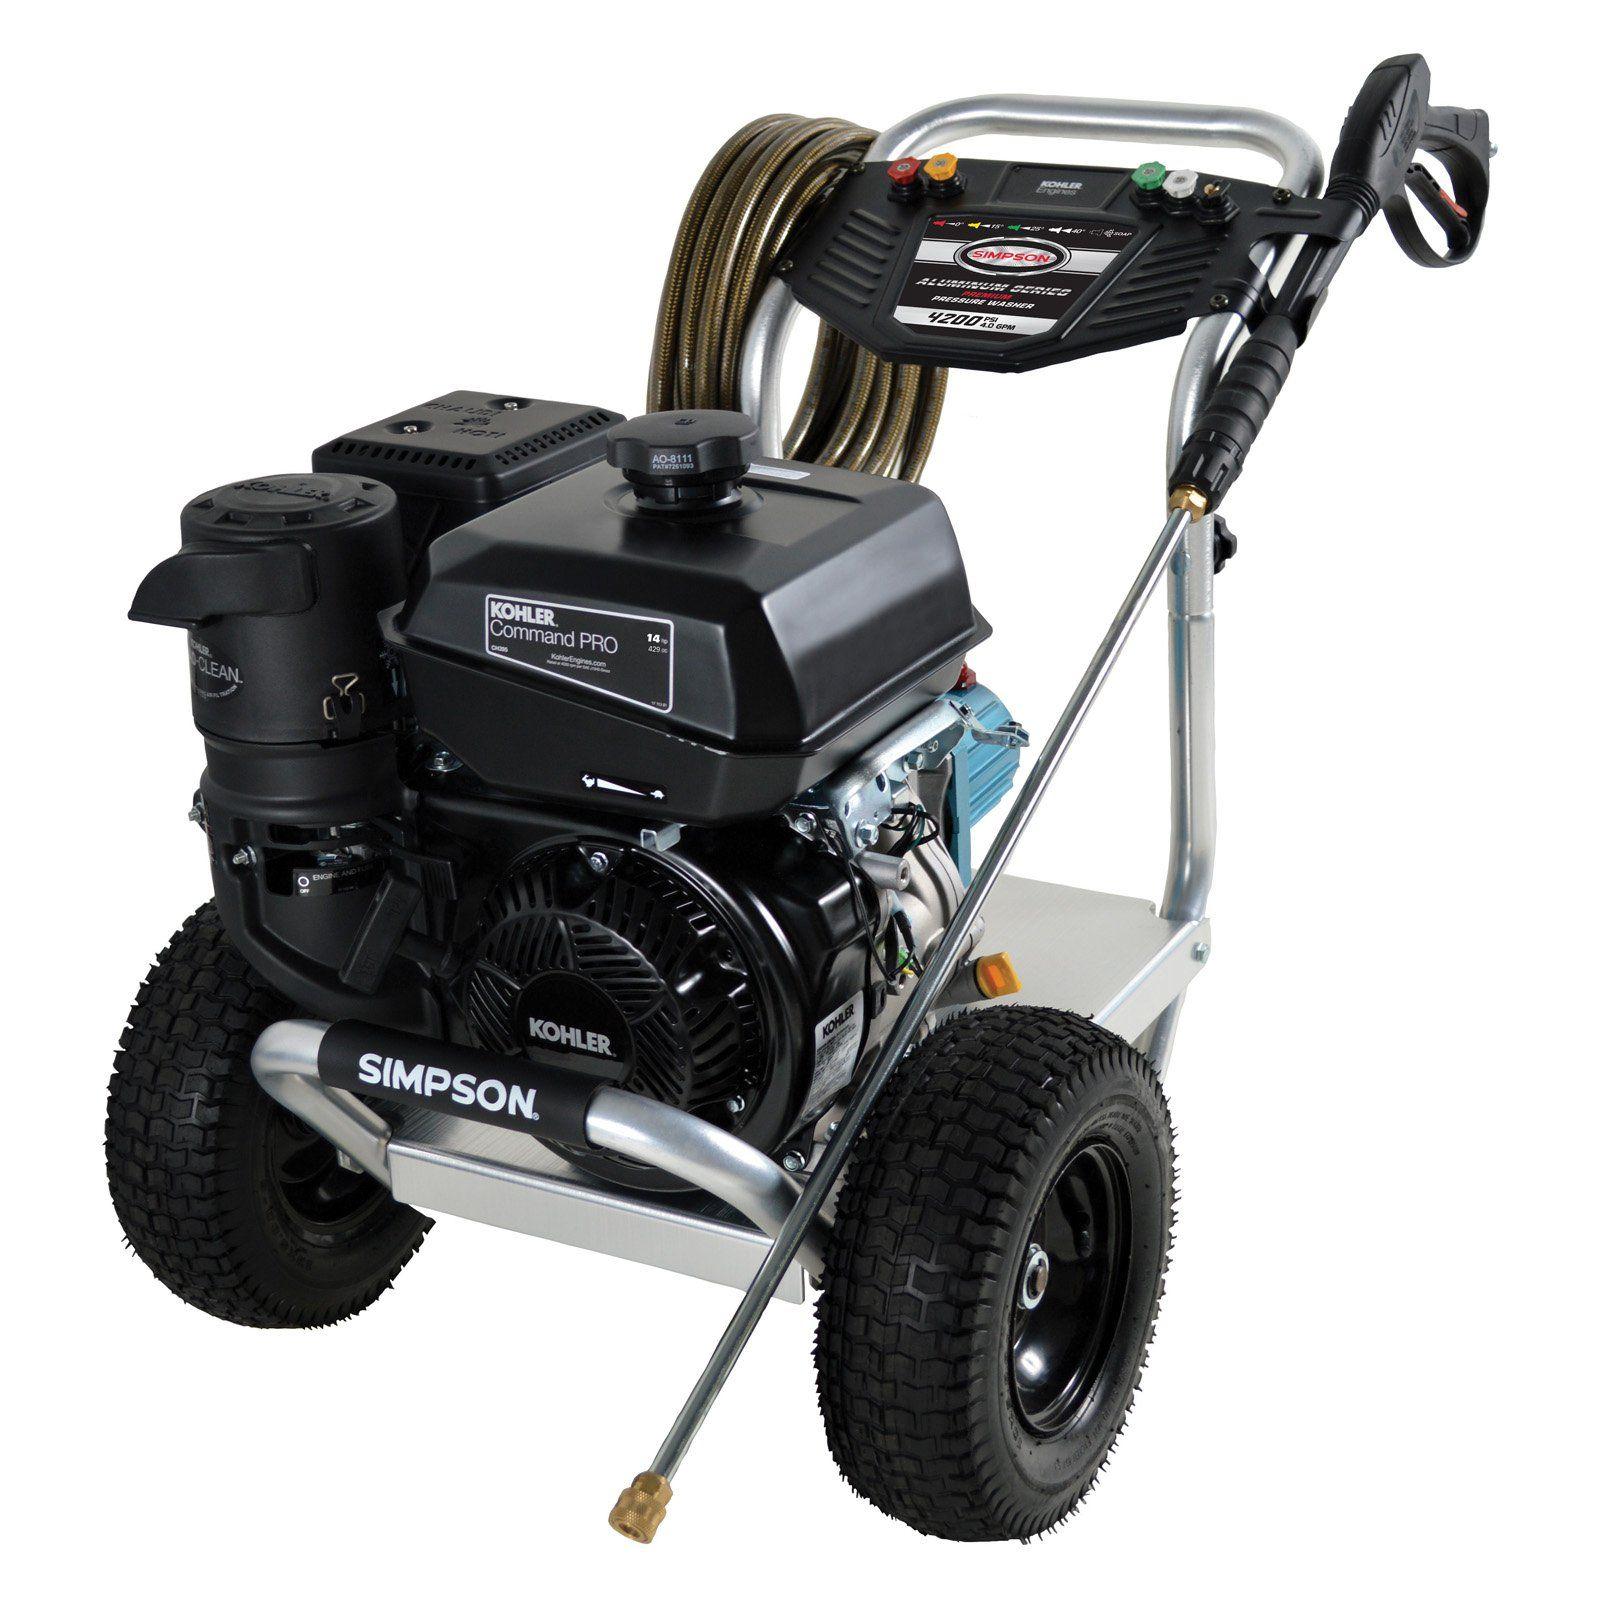 Simpson ALK4240 4200 PSI Gas Pressure Washer - 60822